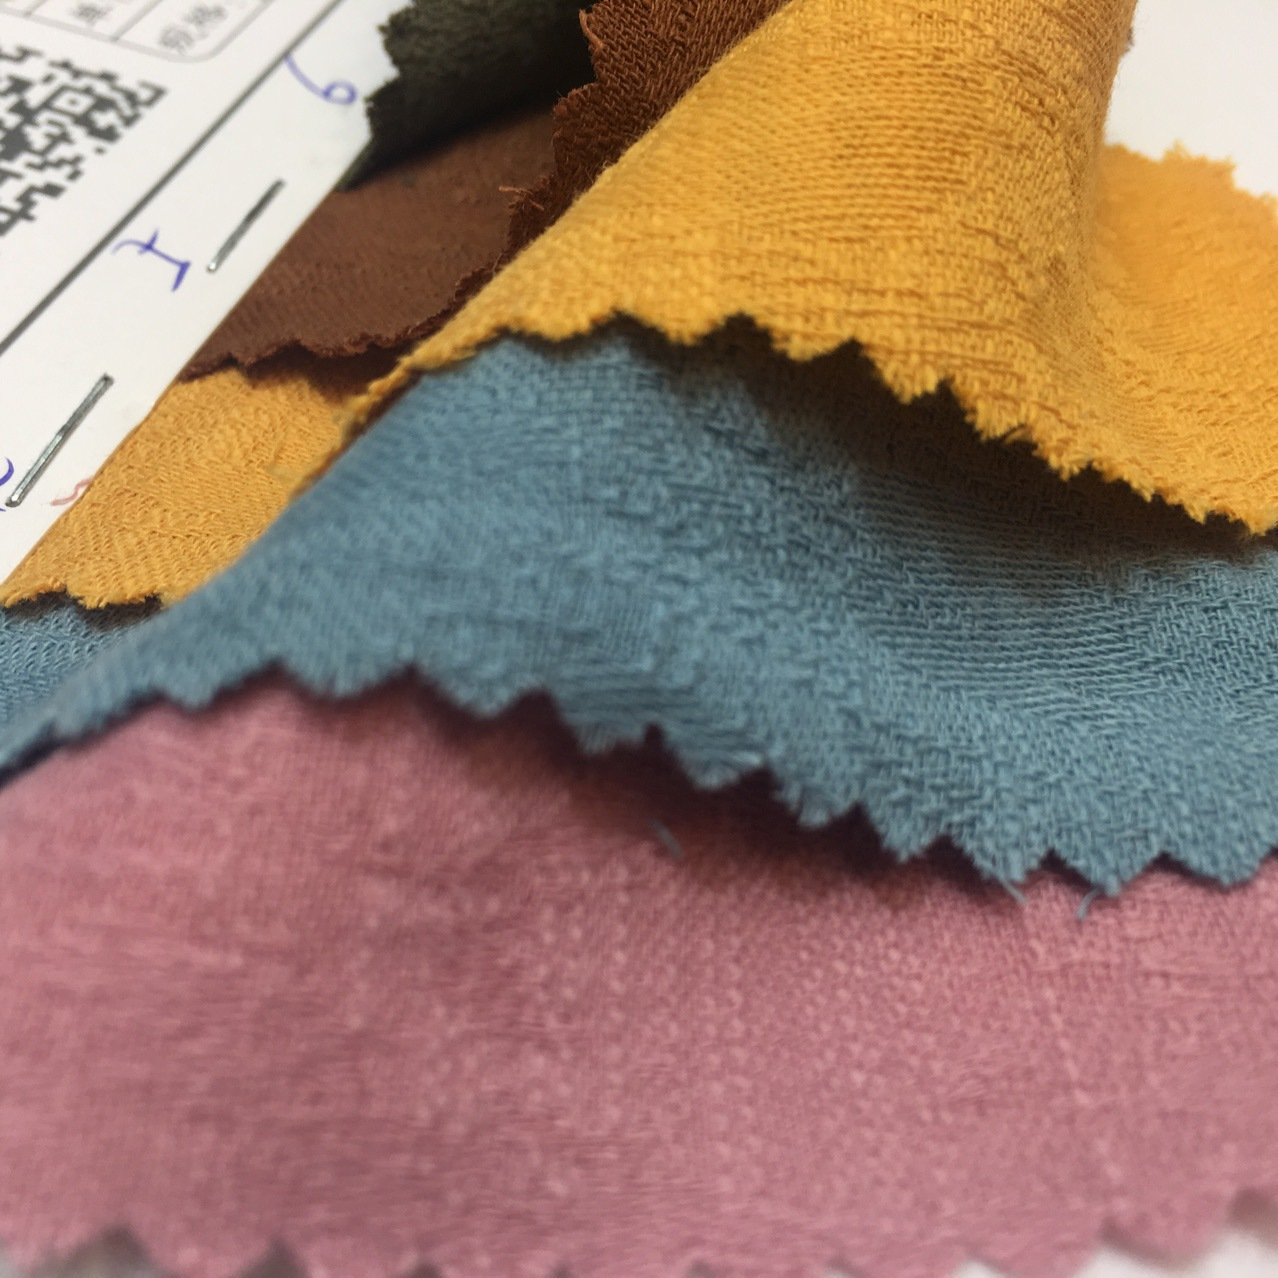 Bông và vải lanh pha trộn các loại vải, dệt bông jacquard quần áo trẻ em vải, bông và vải jacquard n